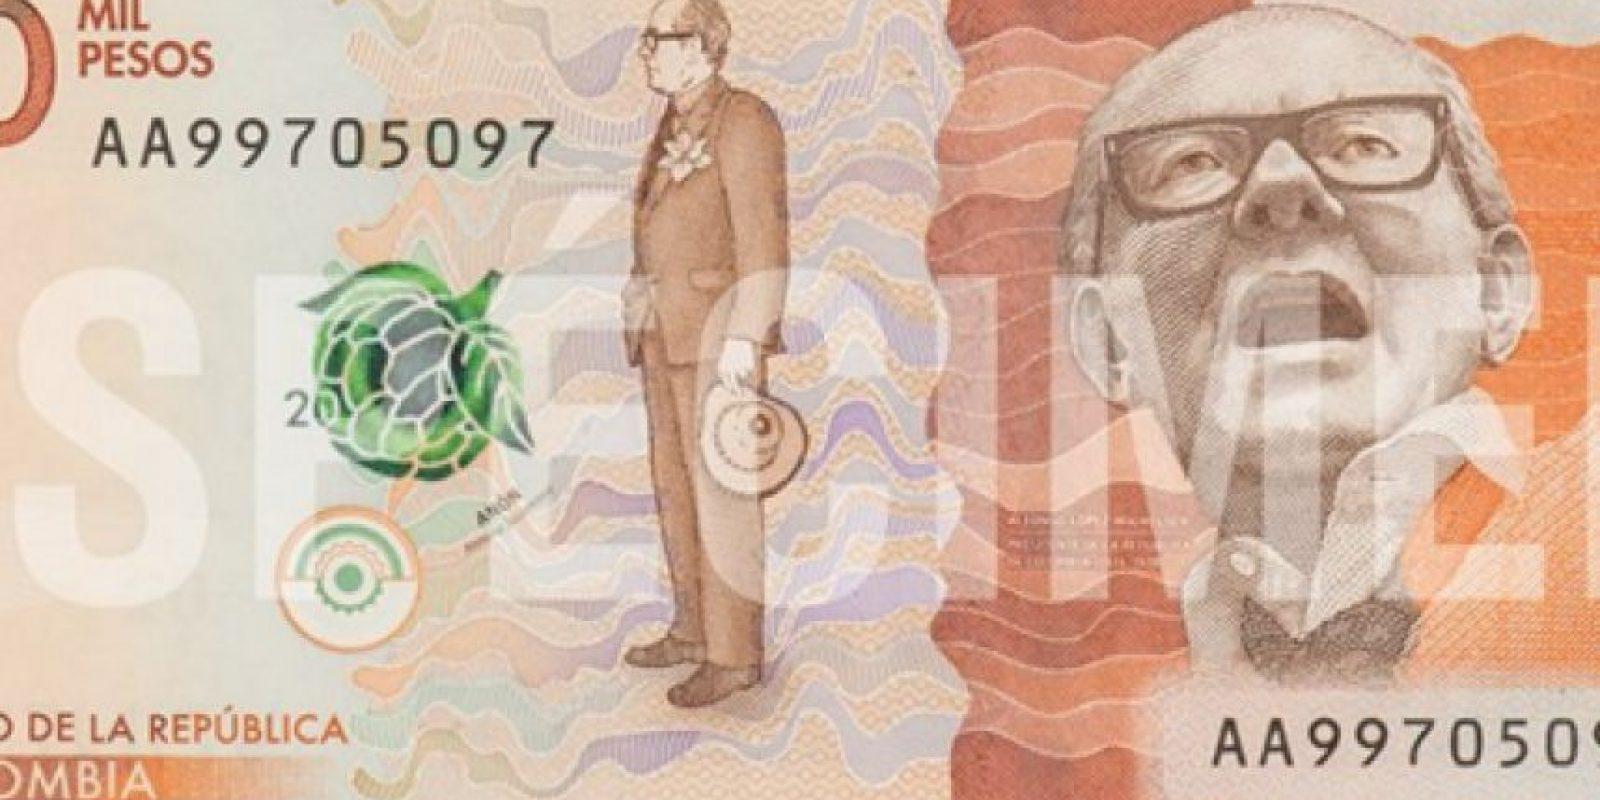 Este es el anverso del billete. Foto:Cortesía Banco de la República